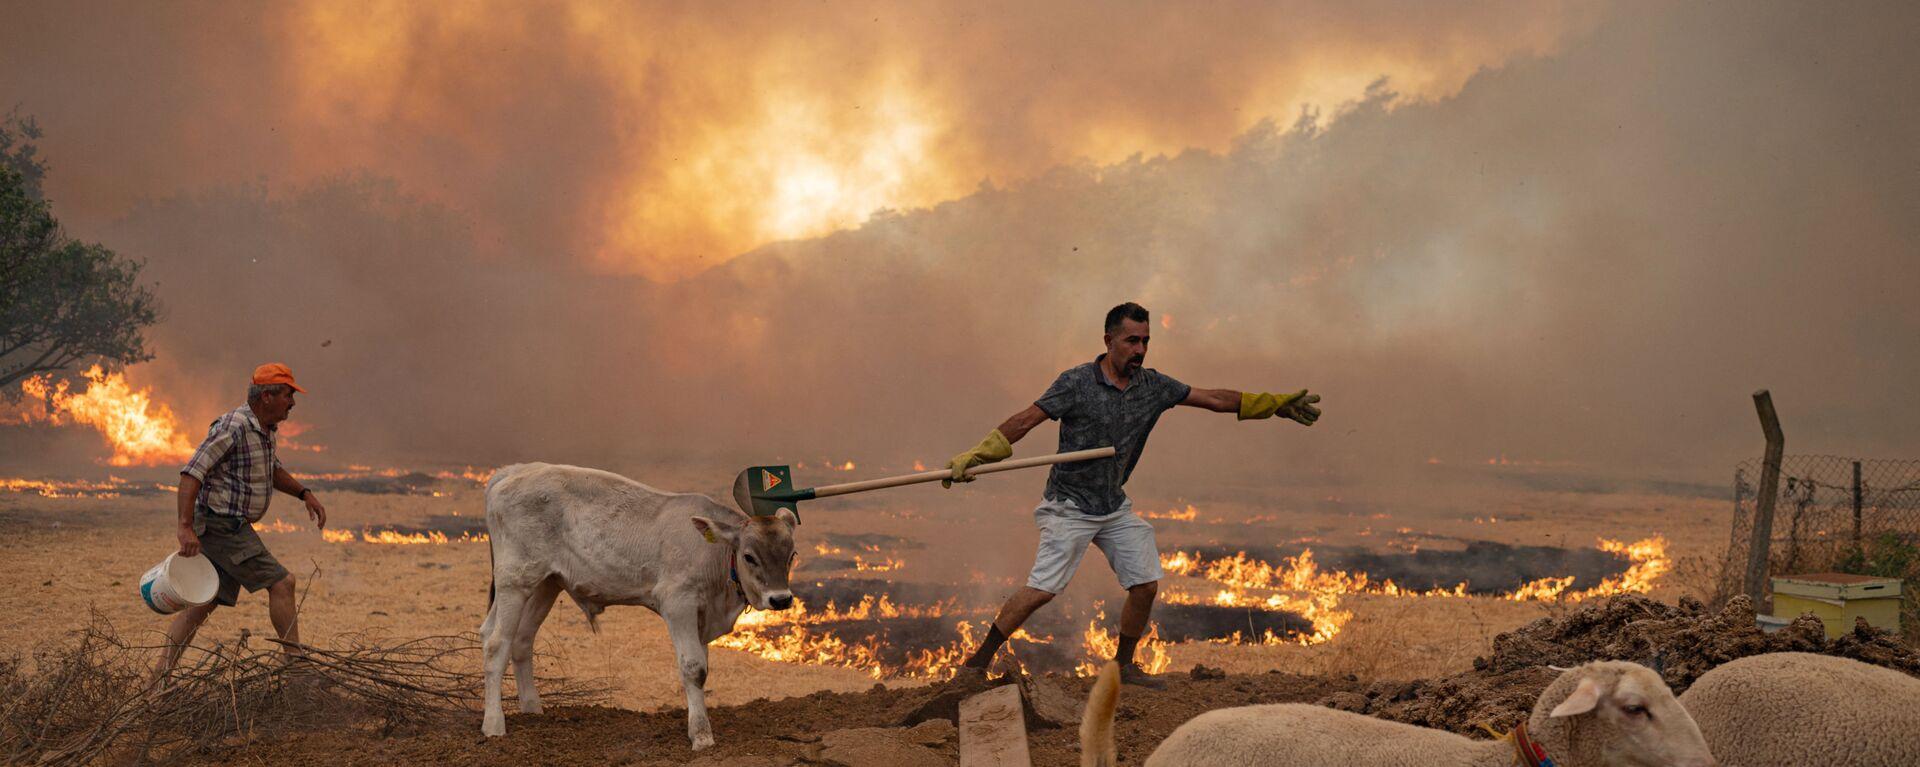 Türkiye'deki orman yangınlarından etkilenen hayvanlar - Sputnik Türkiye, 1920, 04.08.2021